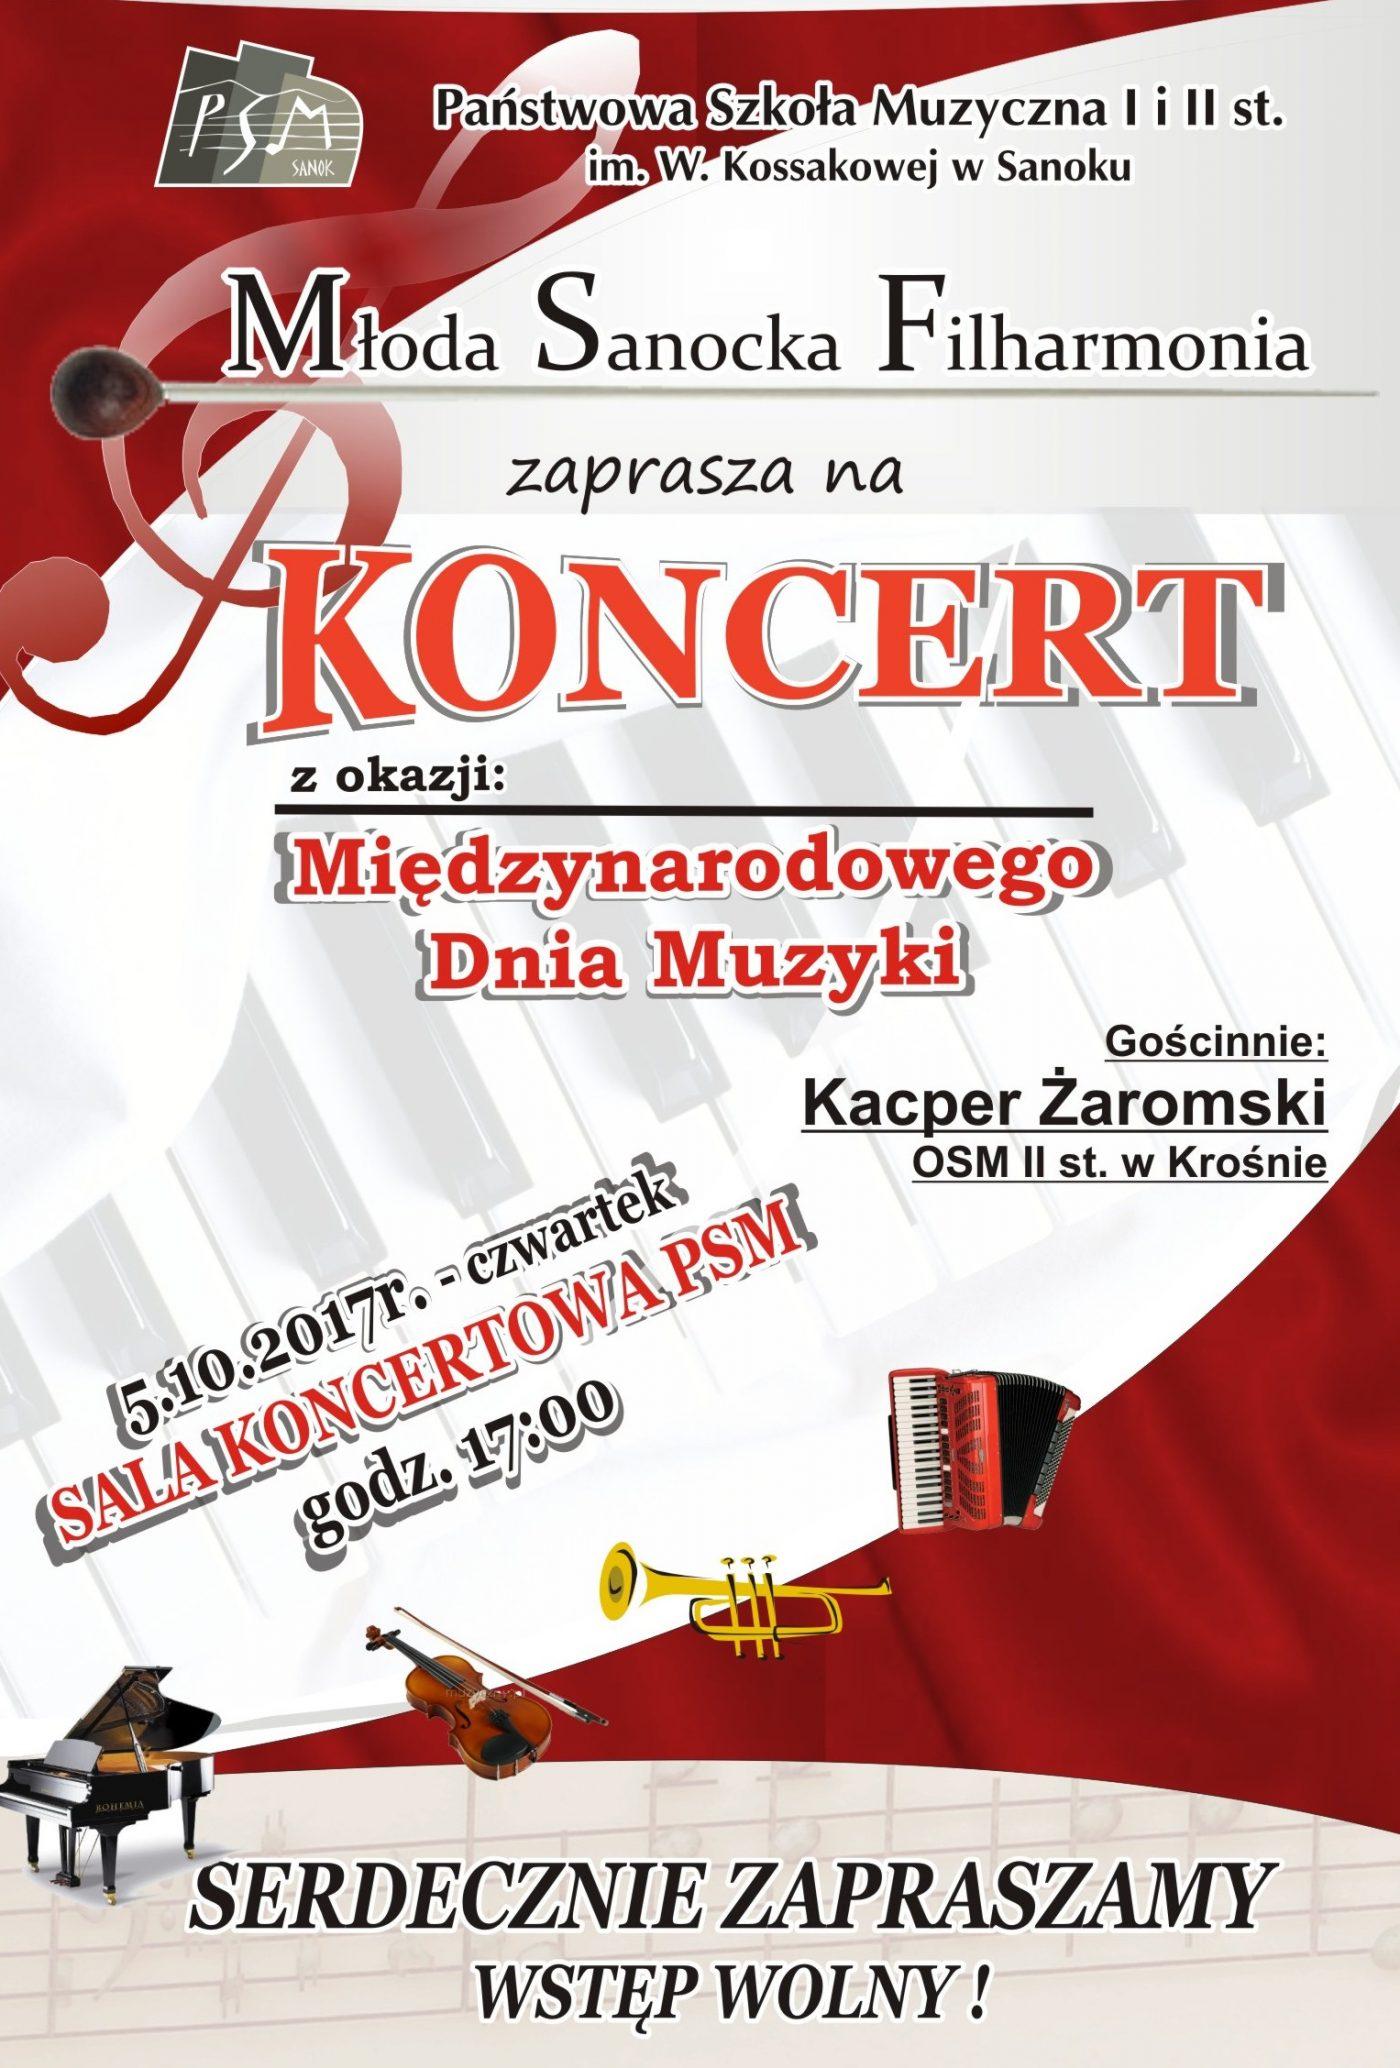 MSF 2017 10 05 TS e1506672349119 - Koncert Młodej Sanockiej Filharmonii